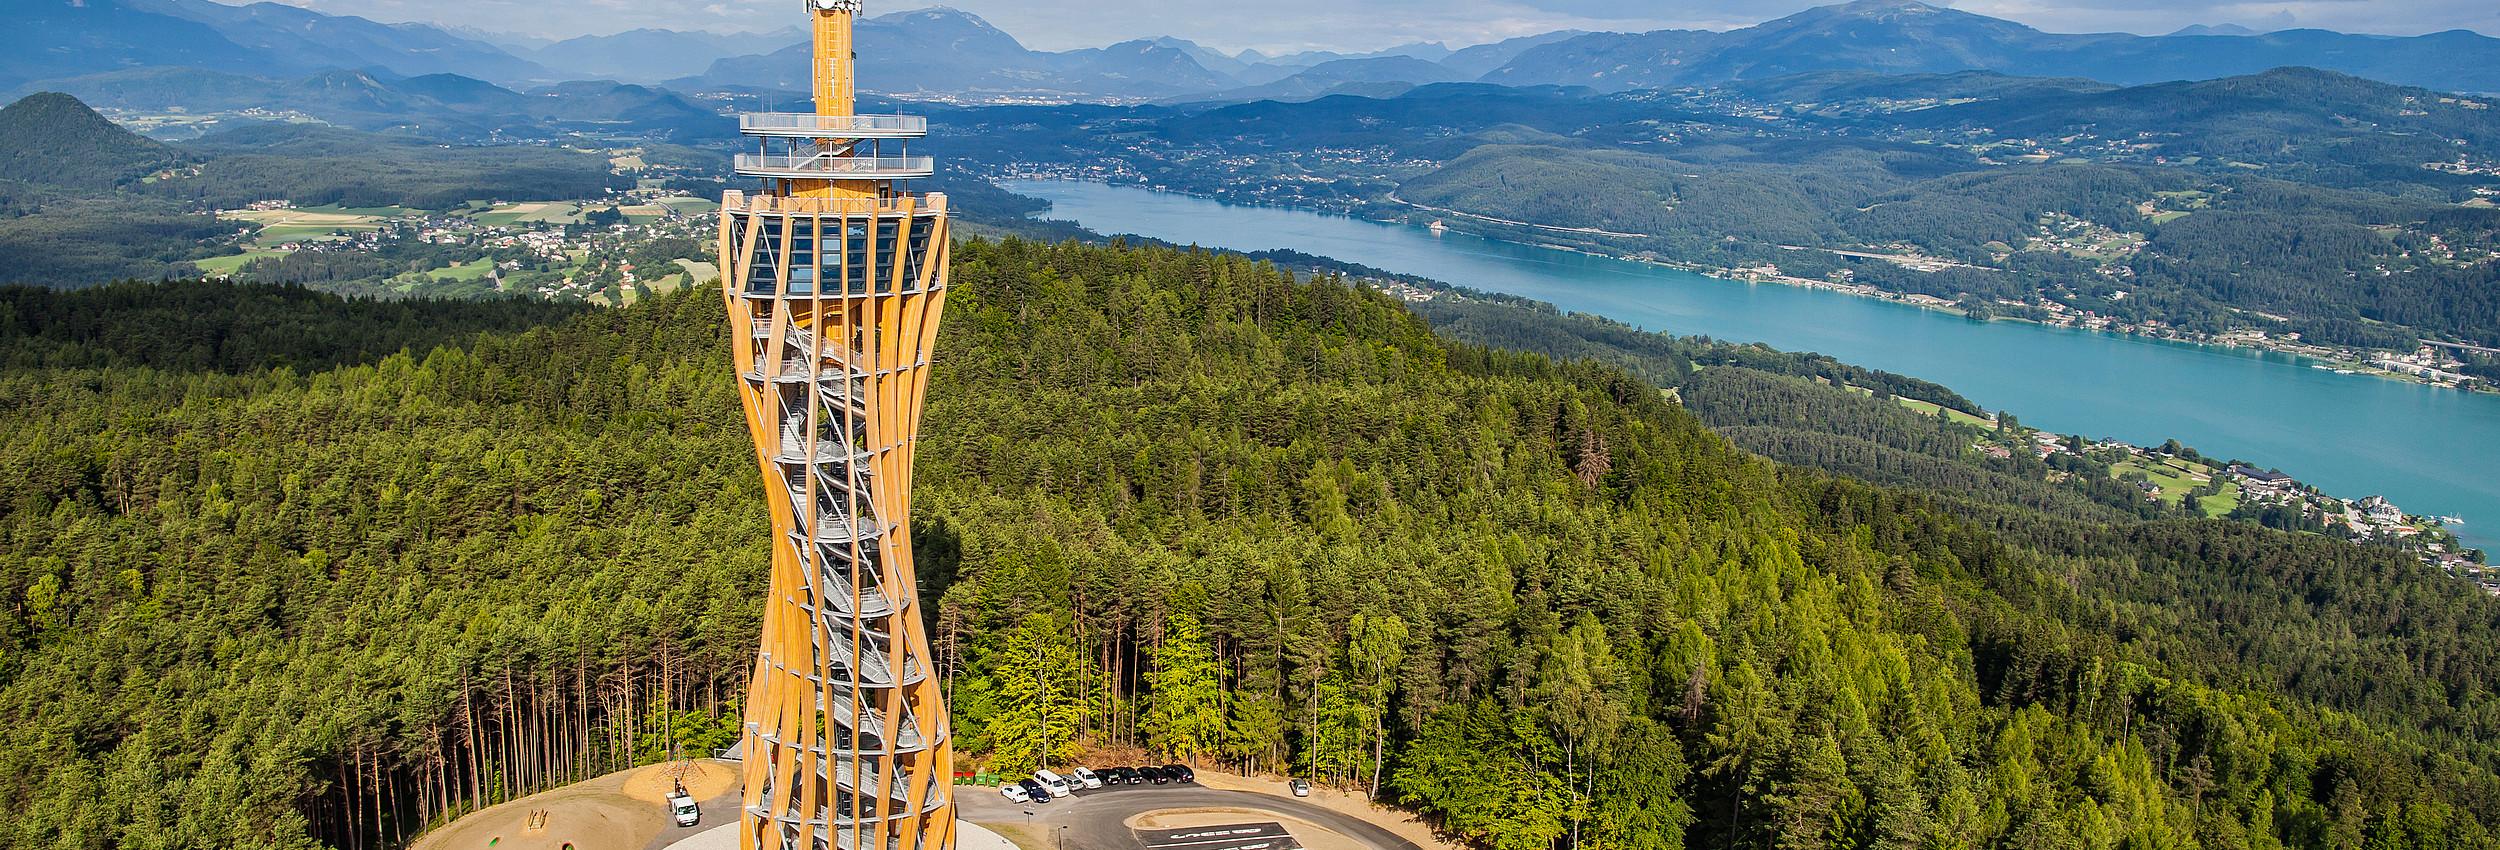 Wörthi tó látnivalók Ausztria